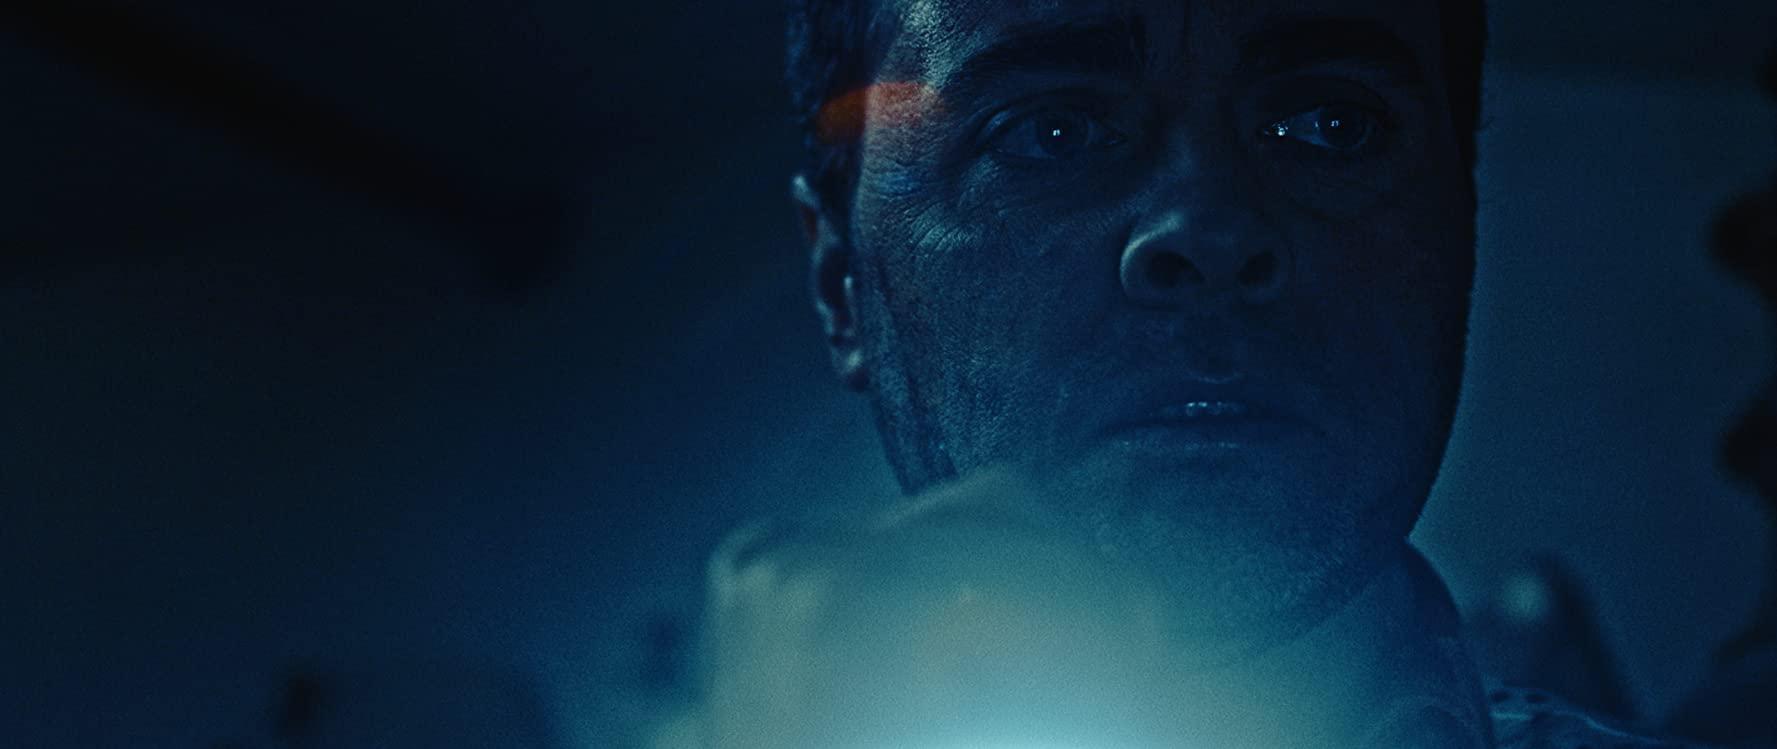 مشاهدة فيلم Dont Let Them In (2020) مترجم HD اون لاين